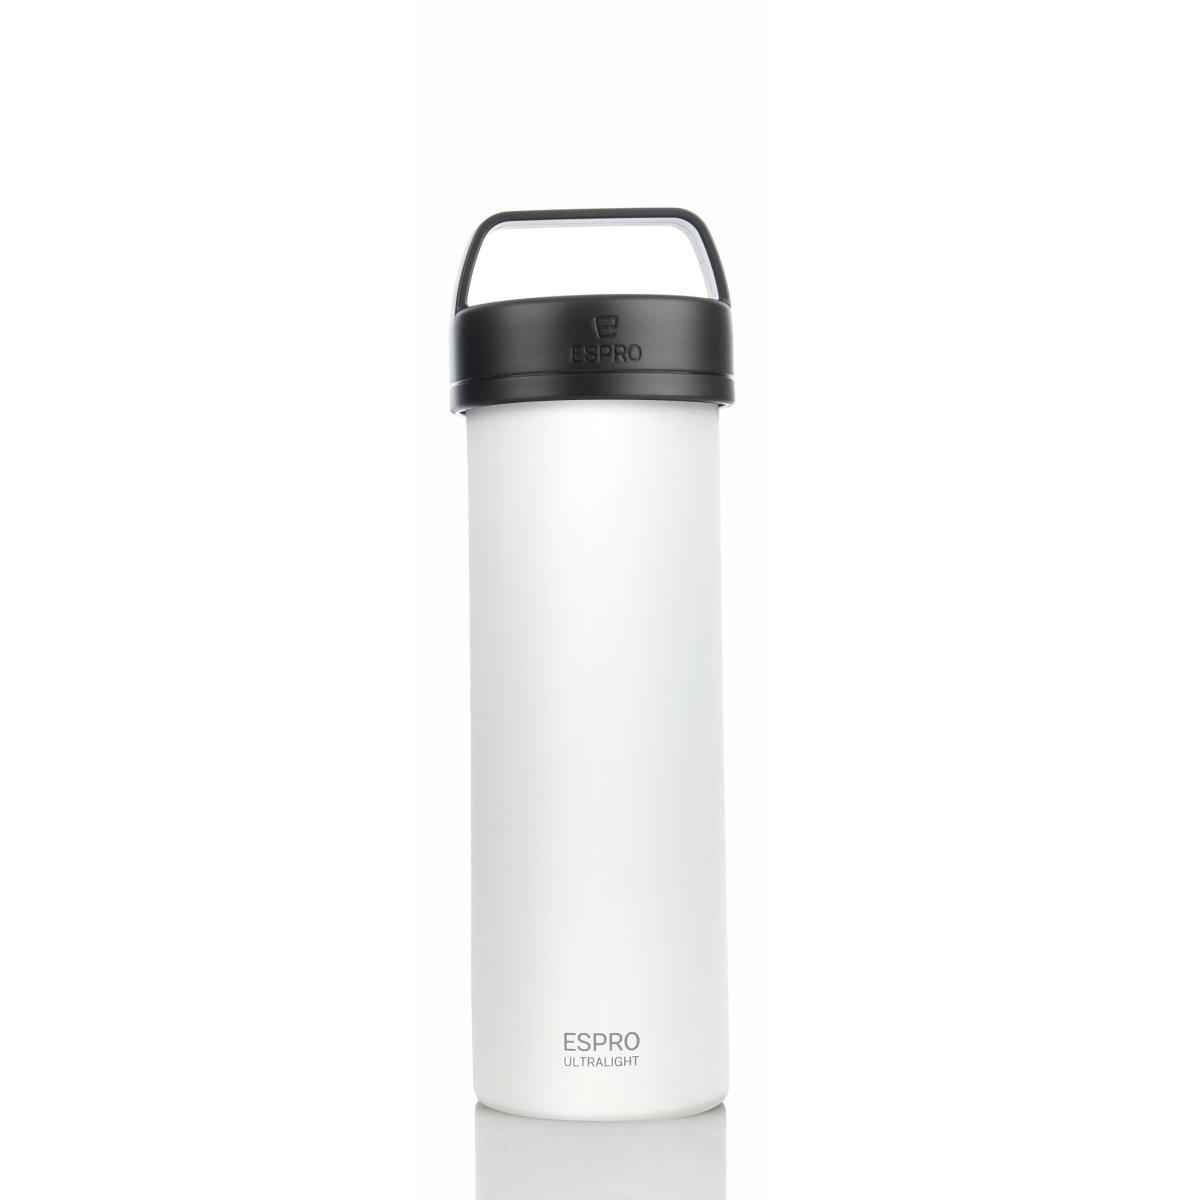 ESPRO Ultralight Kaffeezubereiter / Isolierflasche 475ml Edelstahl kalkweiß